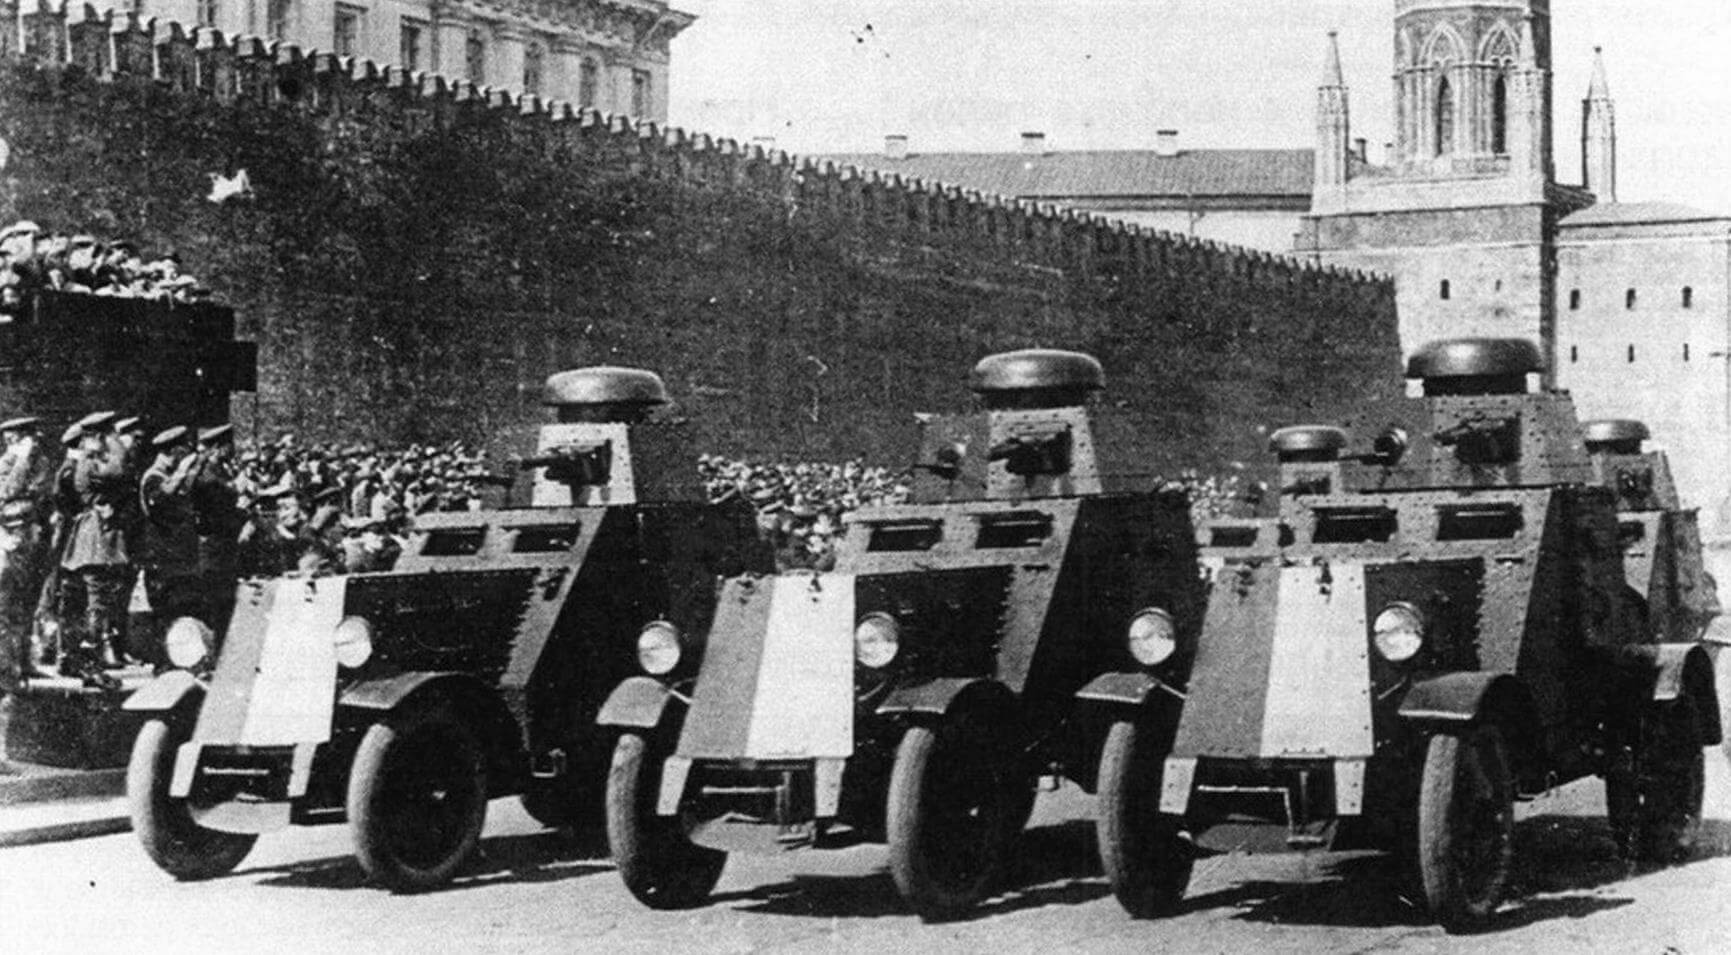 В парадном строю БА-27. Москва, 1 мая 1931 года